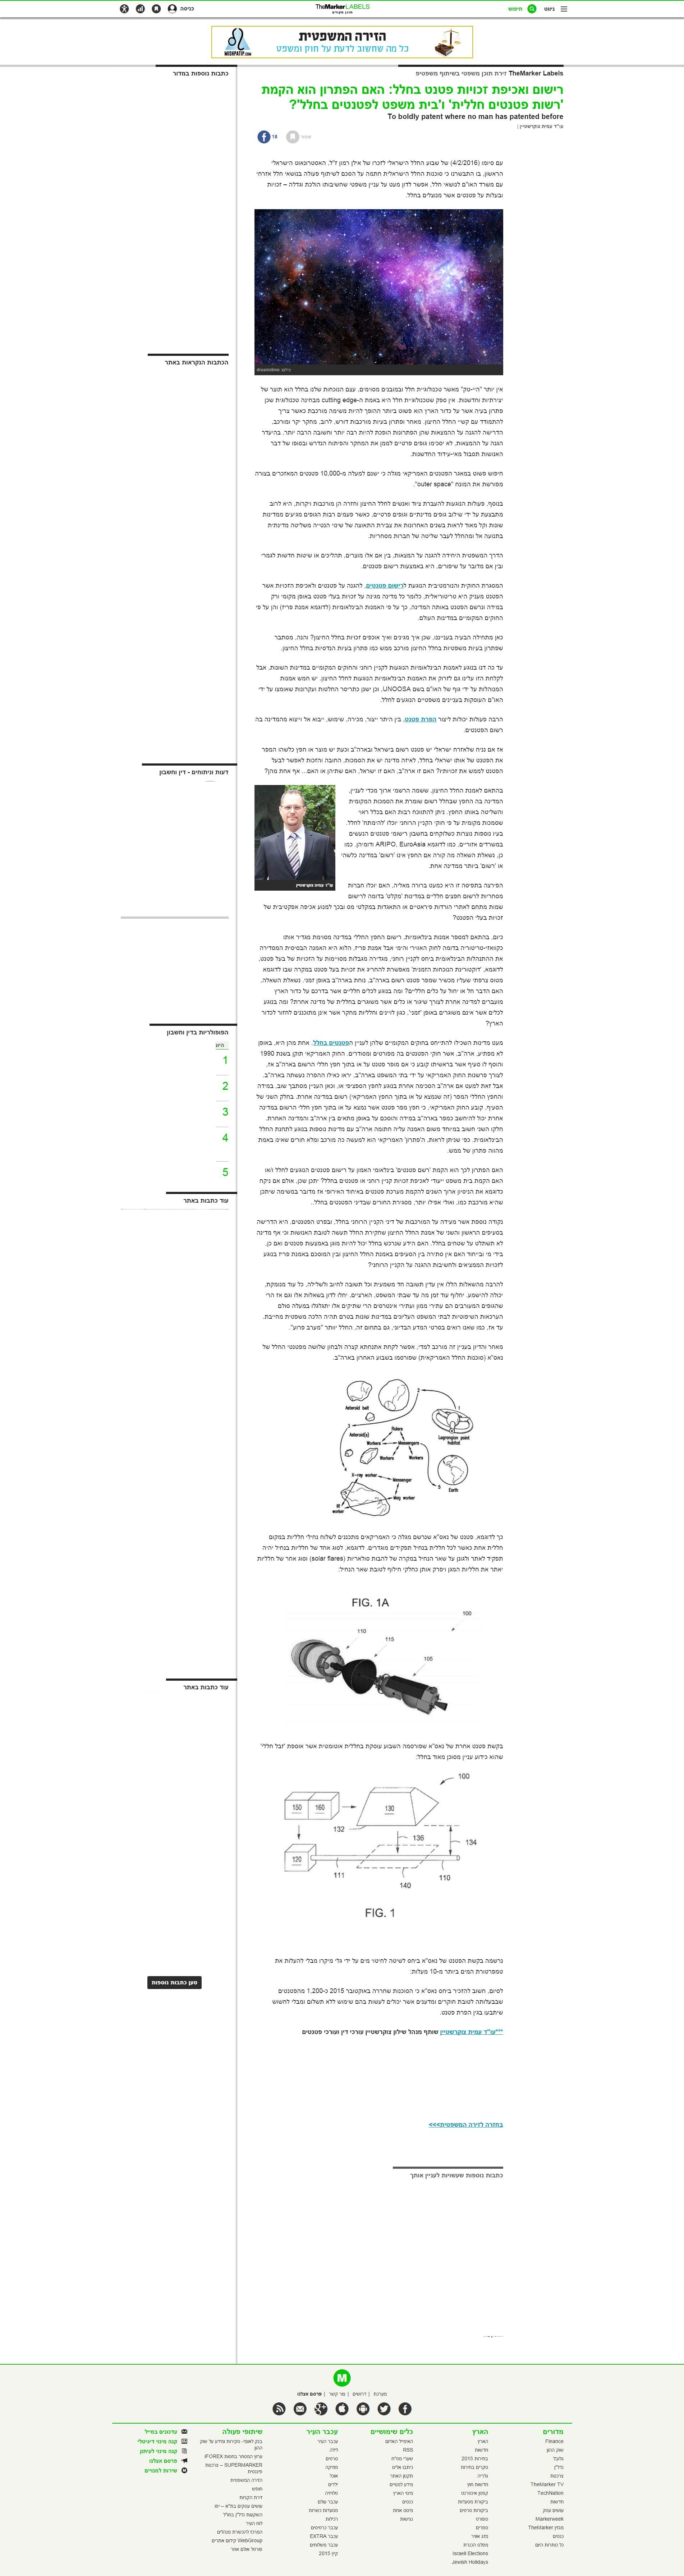 דה מרקר (אתר), 04/02/2016, רישום ואכיפת זכויות פטנט בחלל